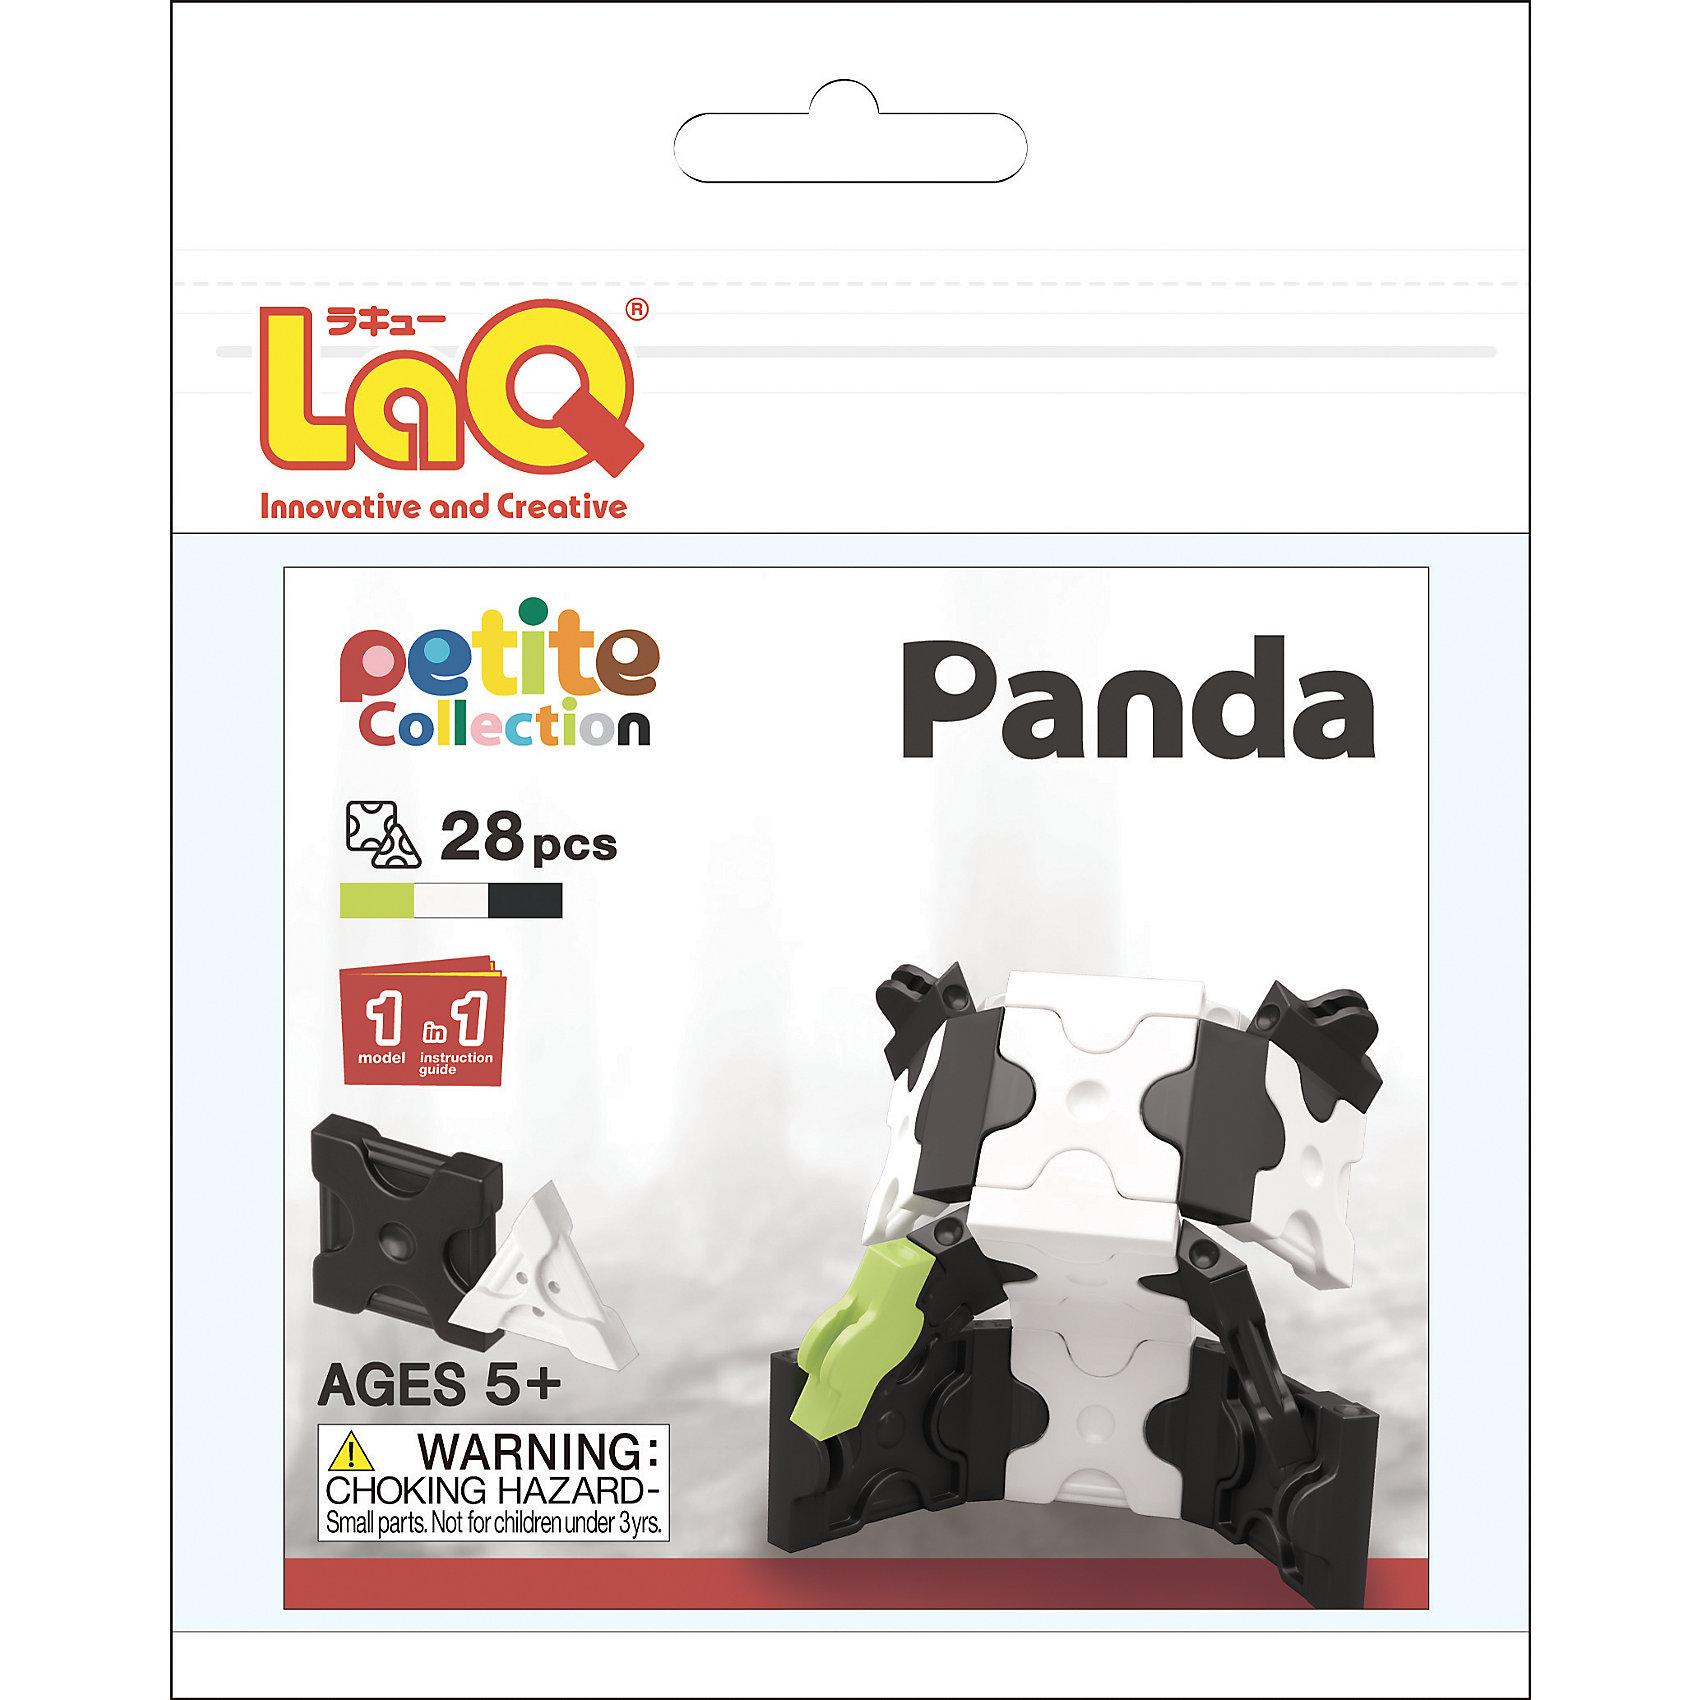 Конструктор Panda, 28 деталей, LaQ